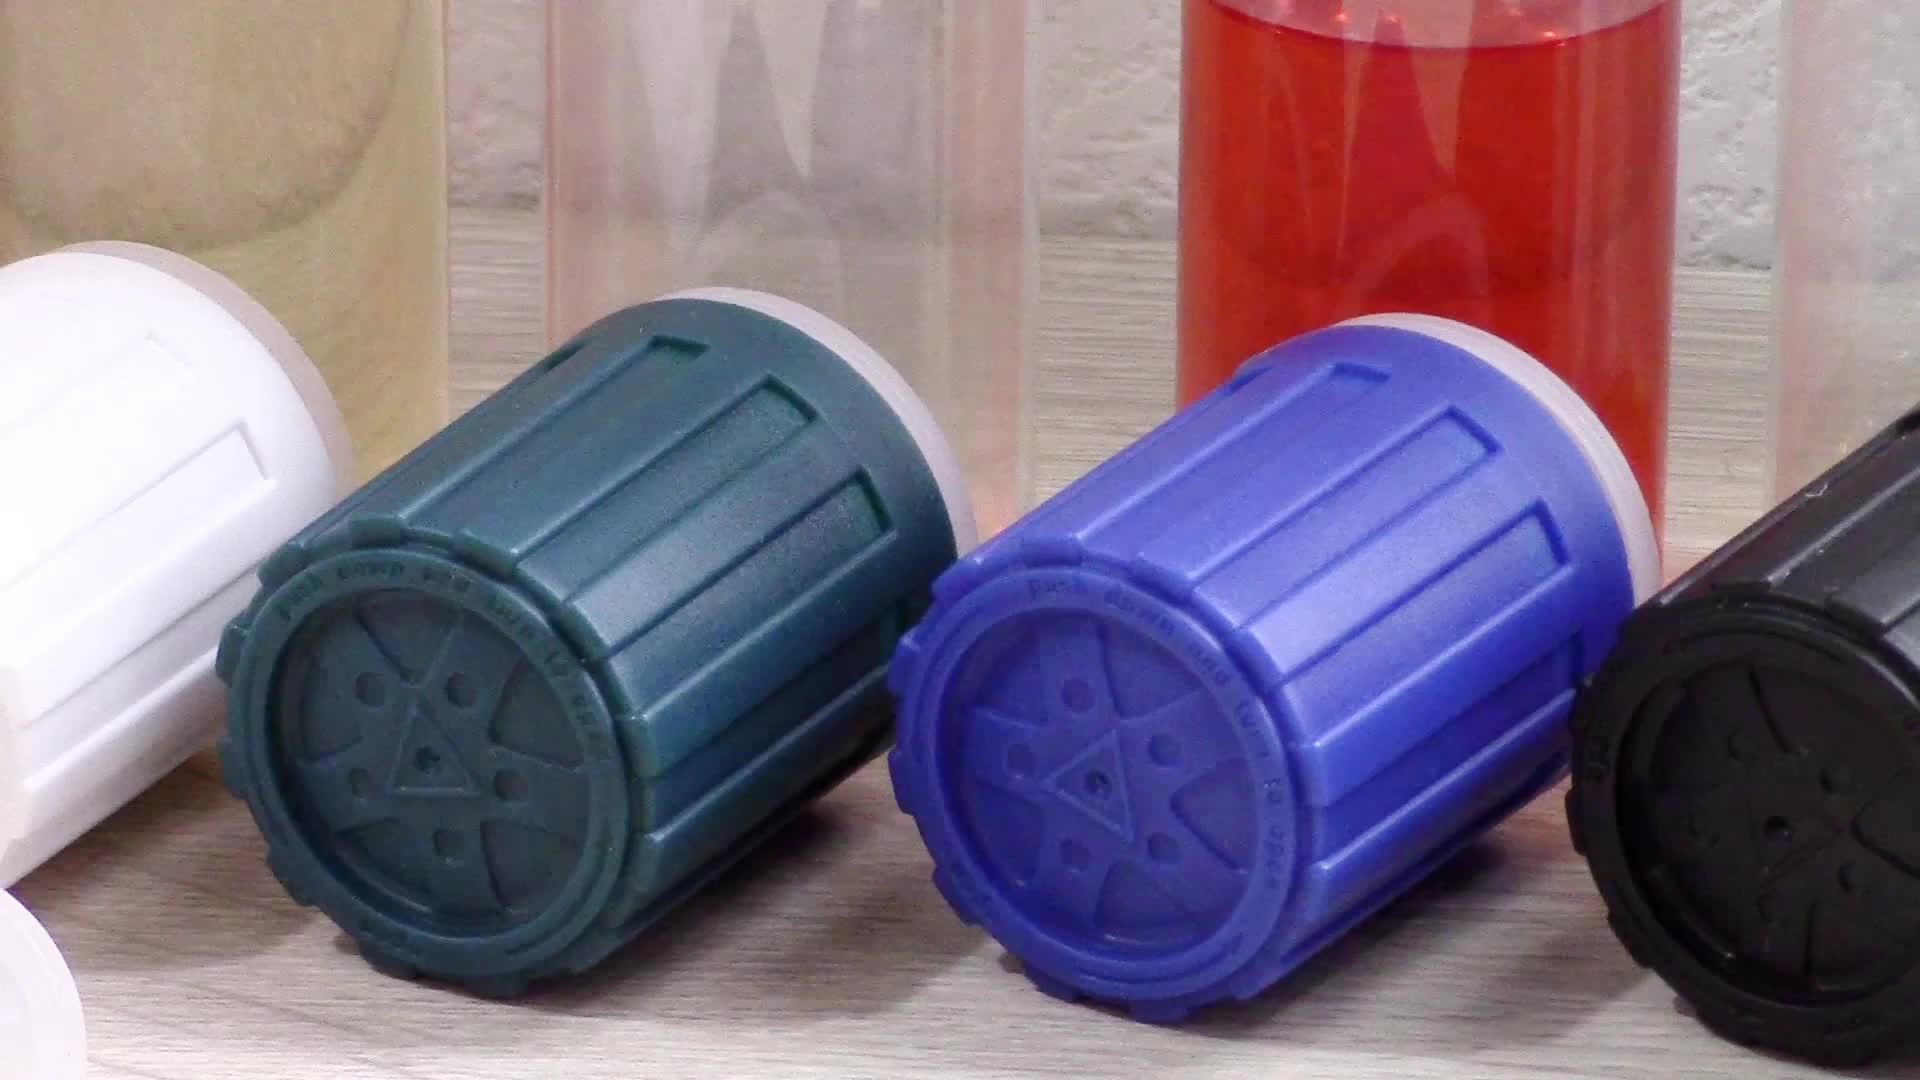 10 Ml 15 Ml 30 Ml 50 Ml 60 Ml 100 Ml 120 Ml Botol Pipet Plastik Botol untuk shortfill Botol